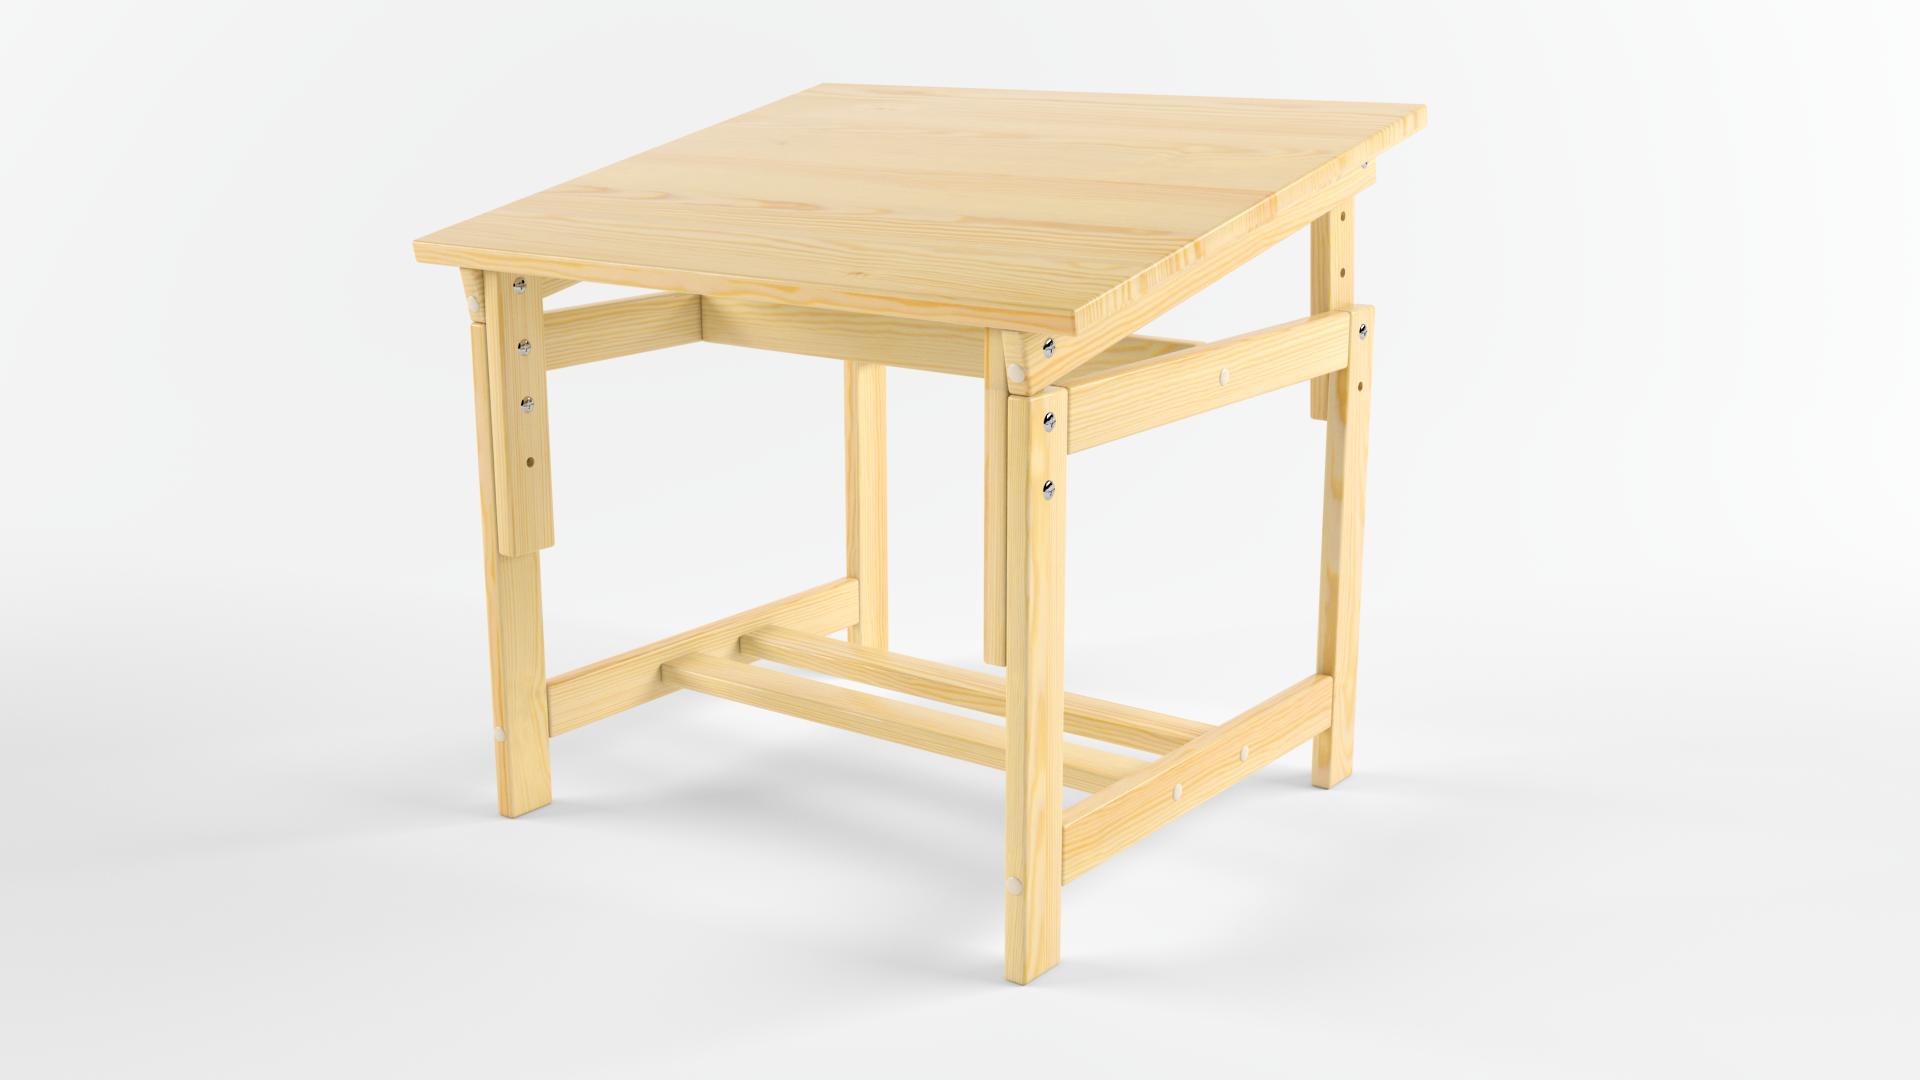 Детский стол Русские Игрушки Растущая «стол-парта» деревянная, сосна (не окрашен), бежевый, светло-бежевый, светло-коричневый